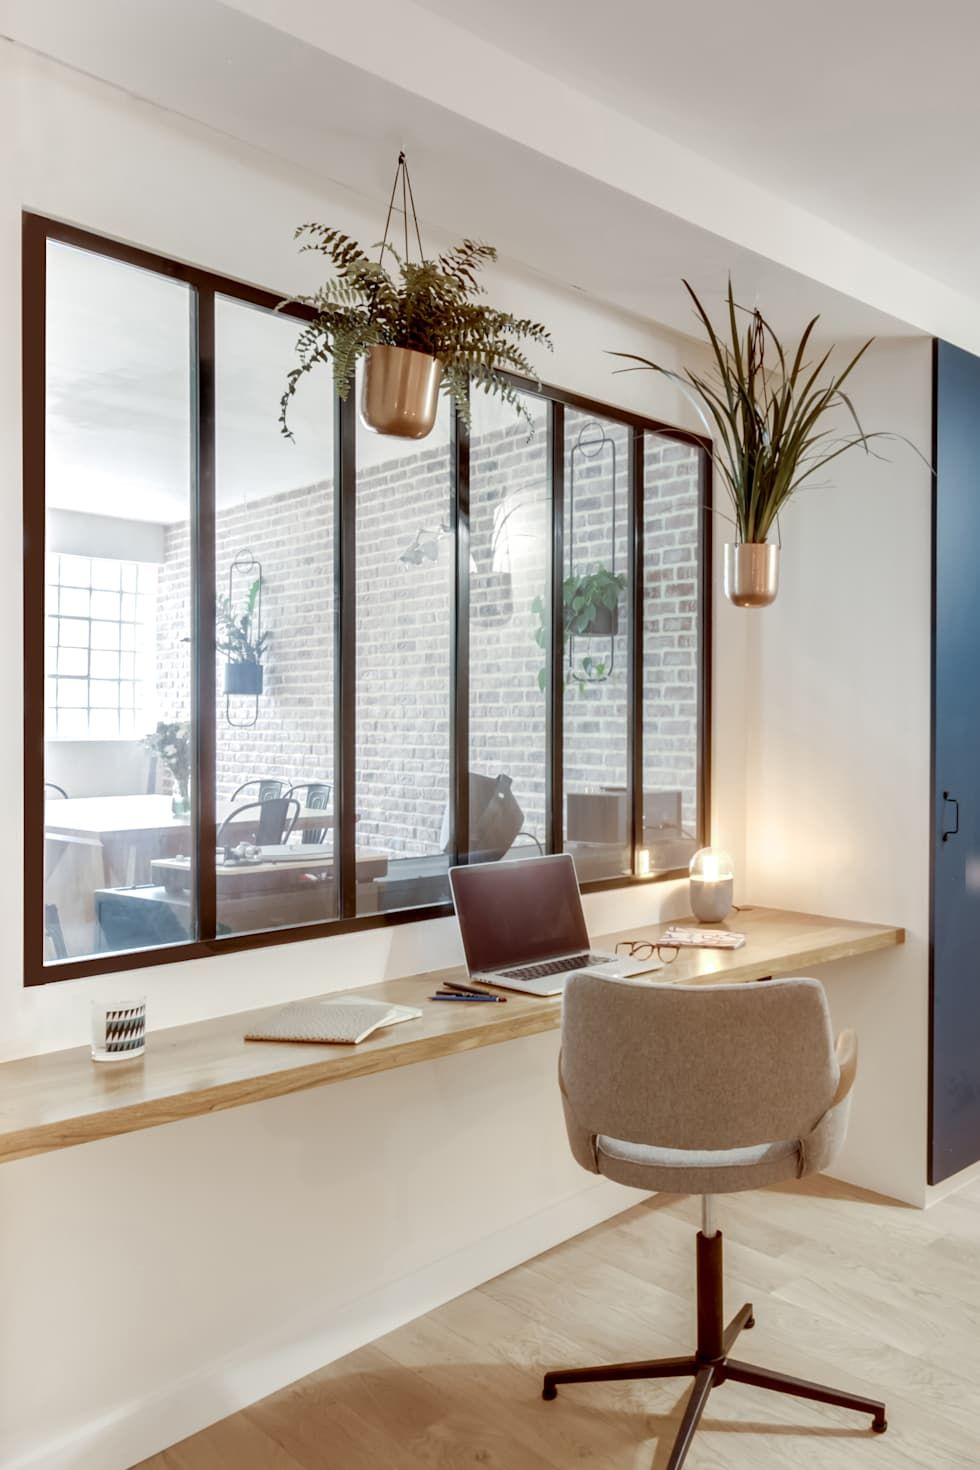 Bureau/chambre: chambre de style par ma en 2019 | Ideas for a ...